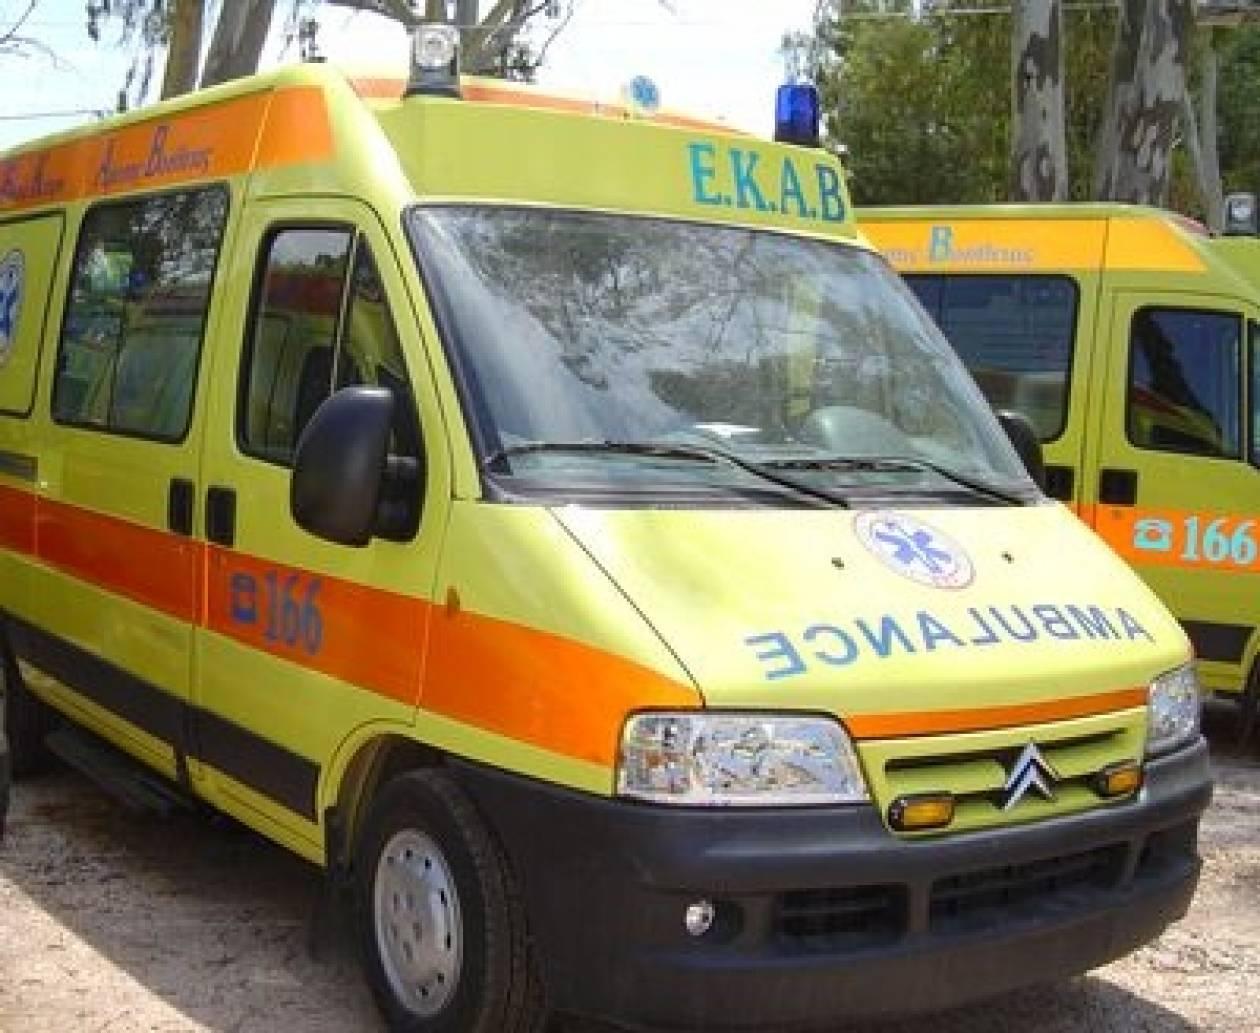 Θεσσαλονίκη: Λεωφορείο παρέσυρε ένα δεκάχρονο παιδί